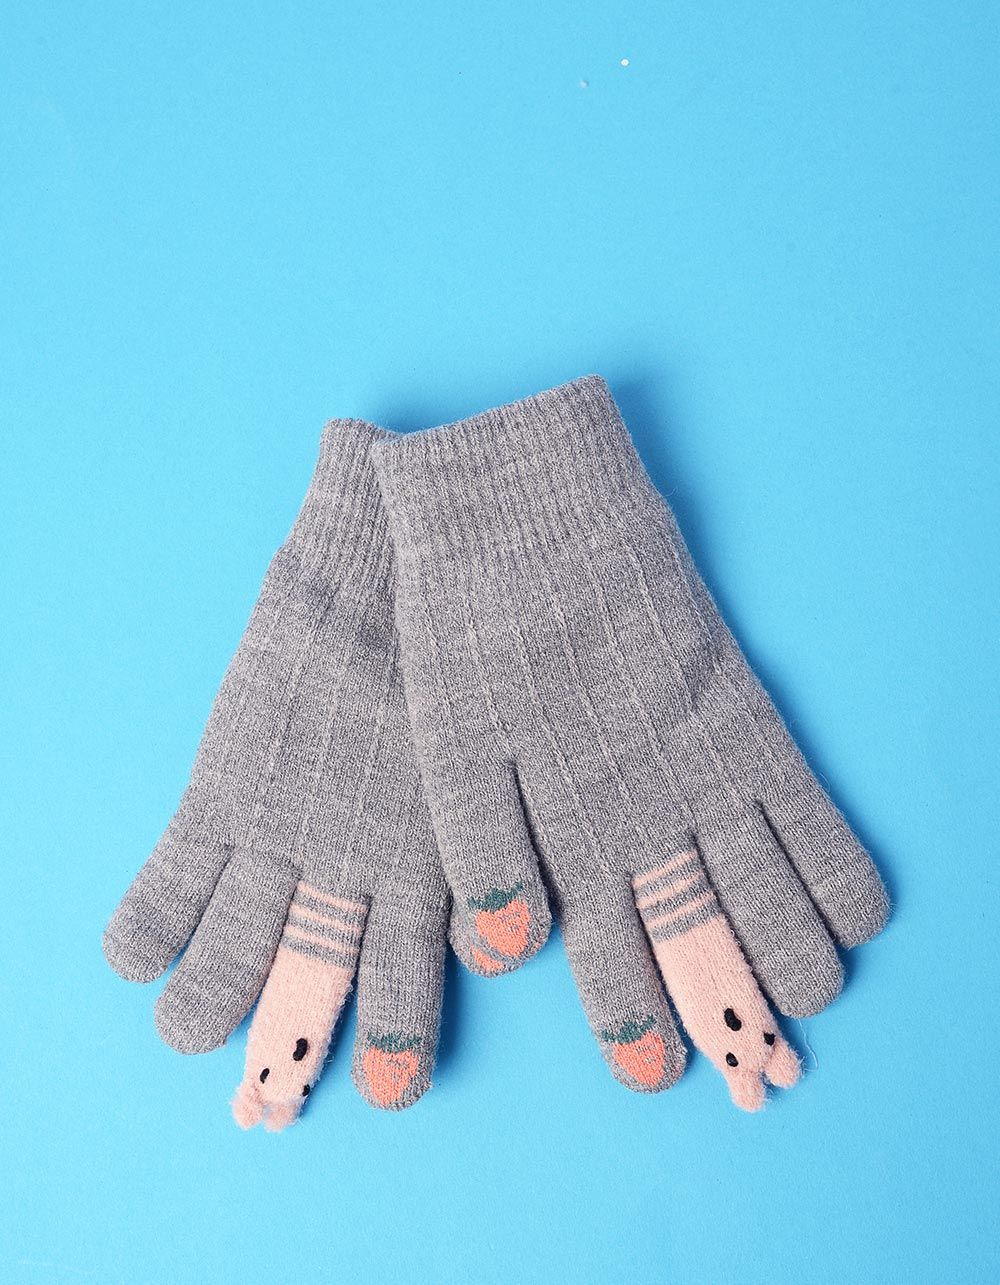 Рукавички з полуницею та звірятками на пальцях | 235297-11-XX